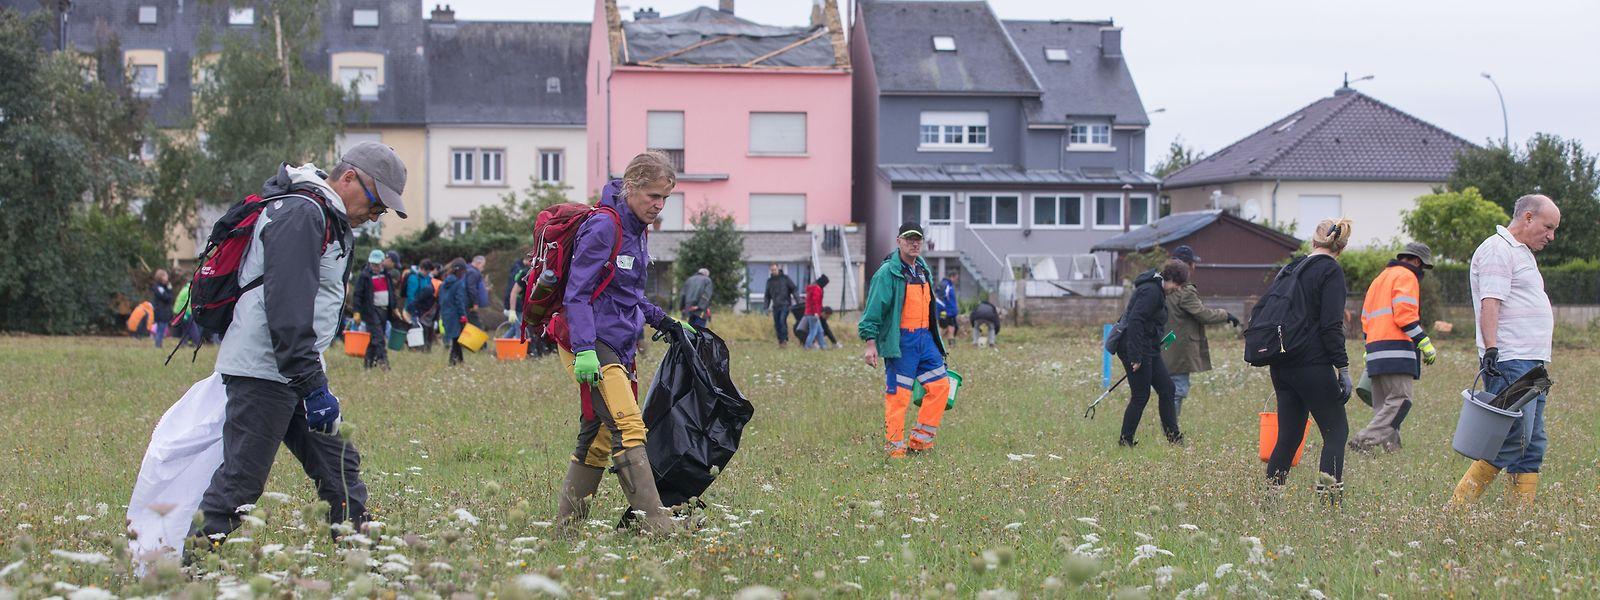 Am 17. August waren 600 aus dem ganzen Land zu einer Aufräumaktion in die betroffenen Gemeinden gekommen.